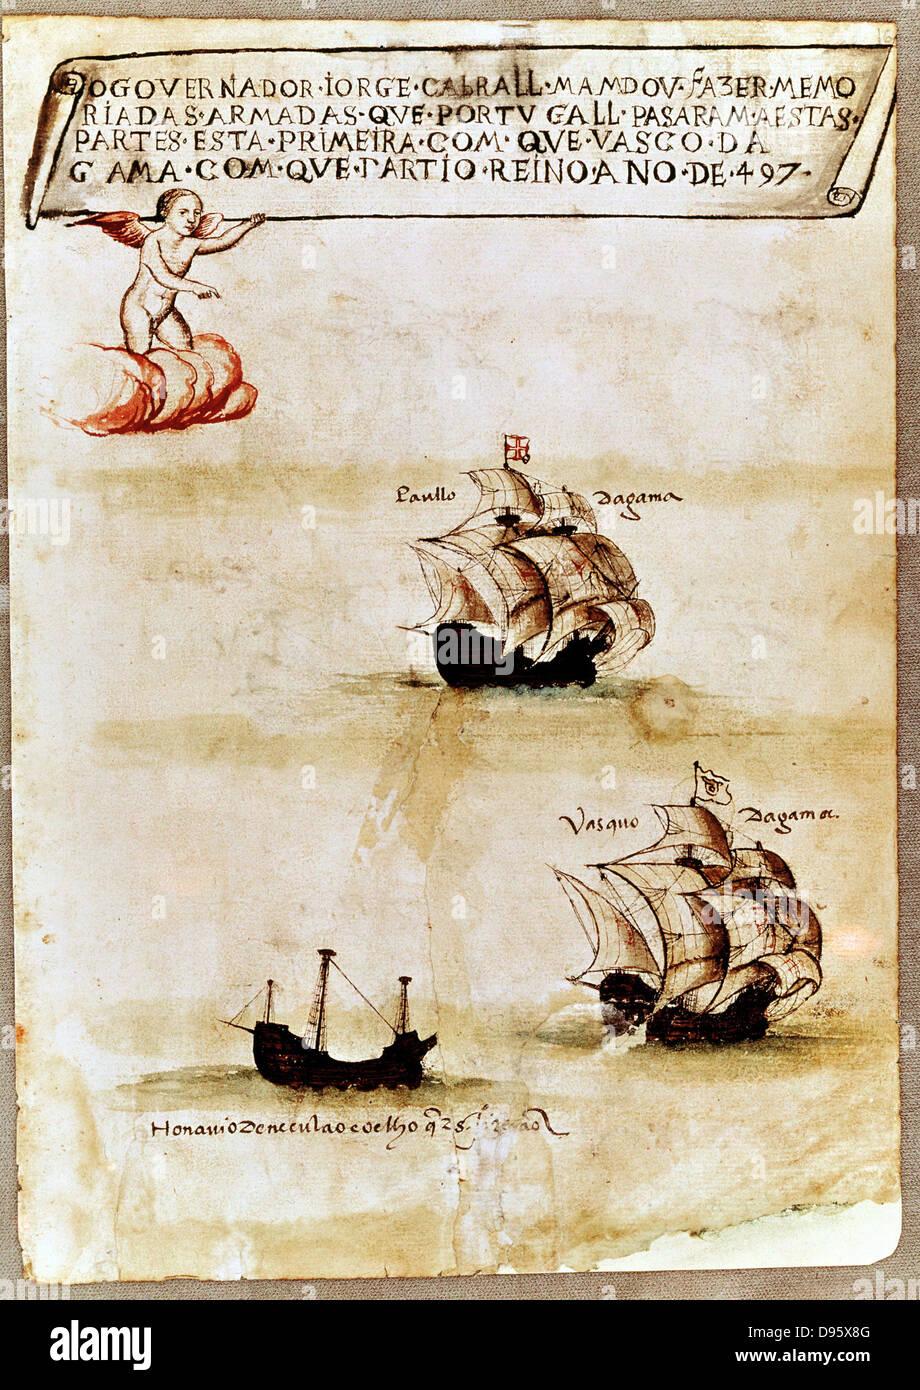 Portugiesische Seefahrer Vasco da Gama (c1469-1525), erste Westler, Kap der guten Hoffnung nach Asien zu runden. Stockbild